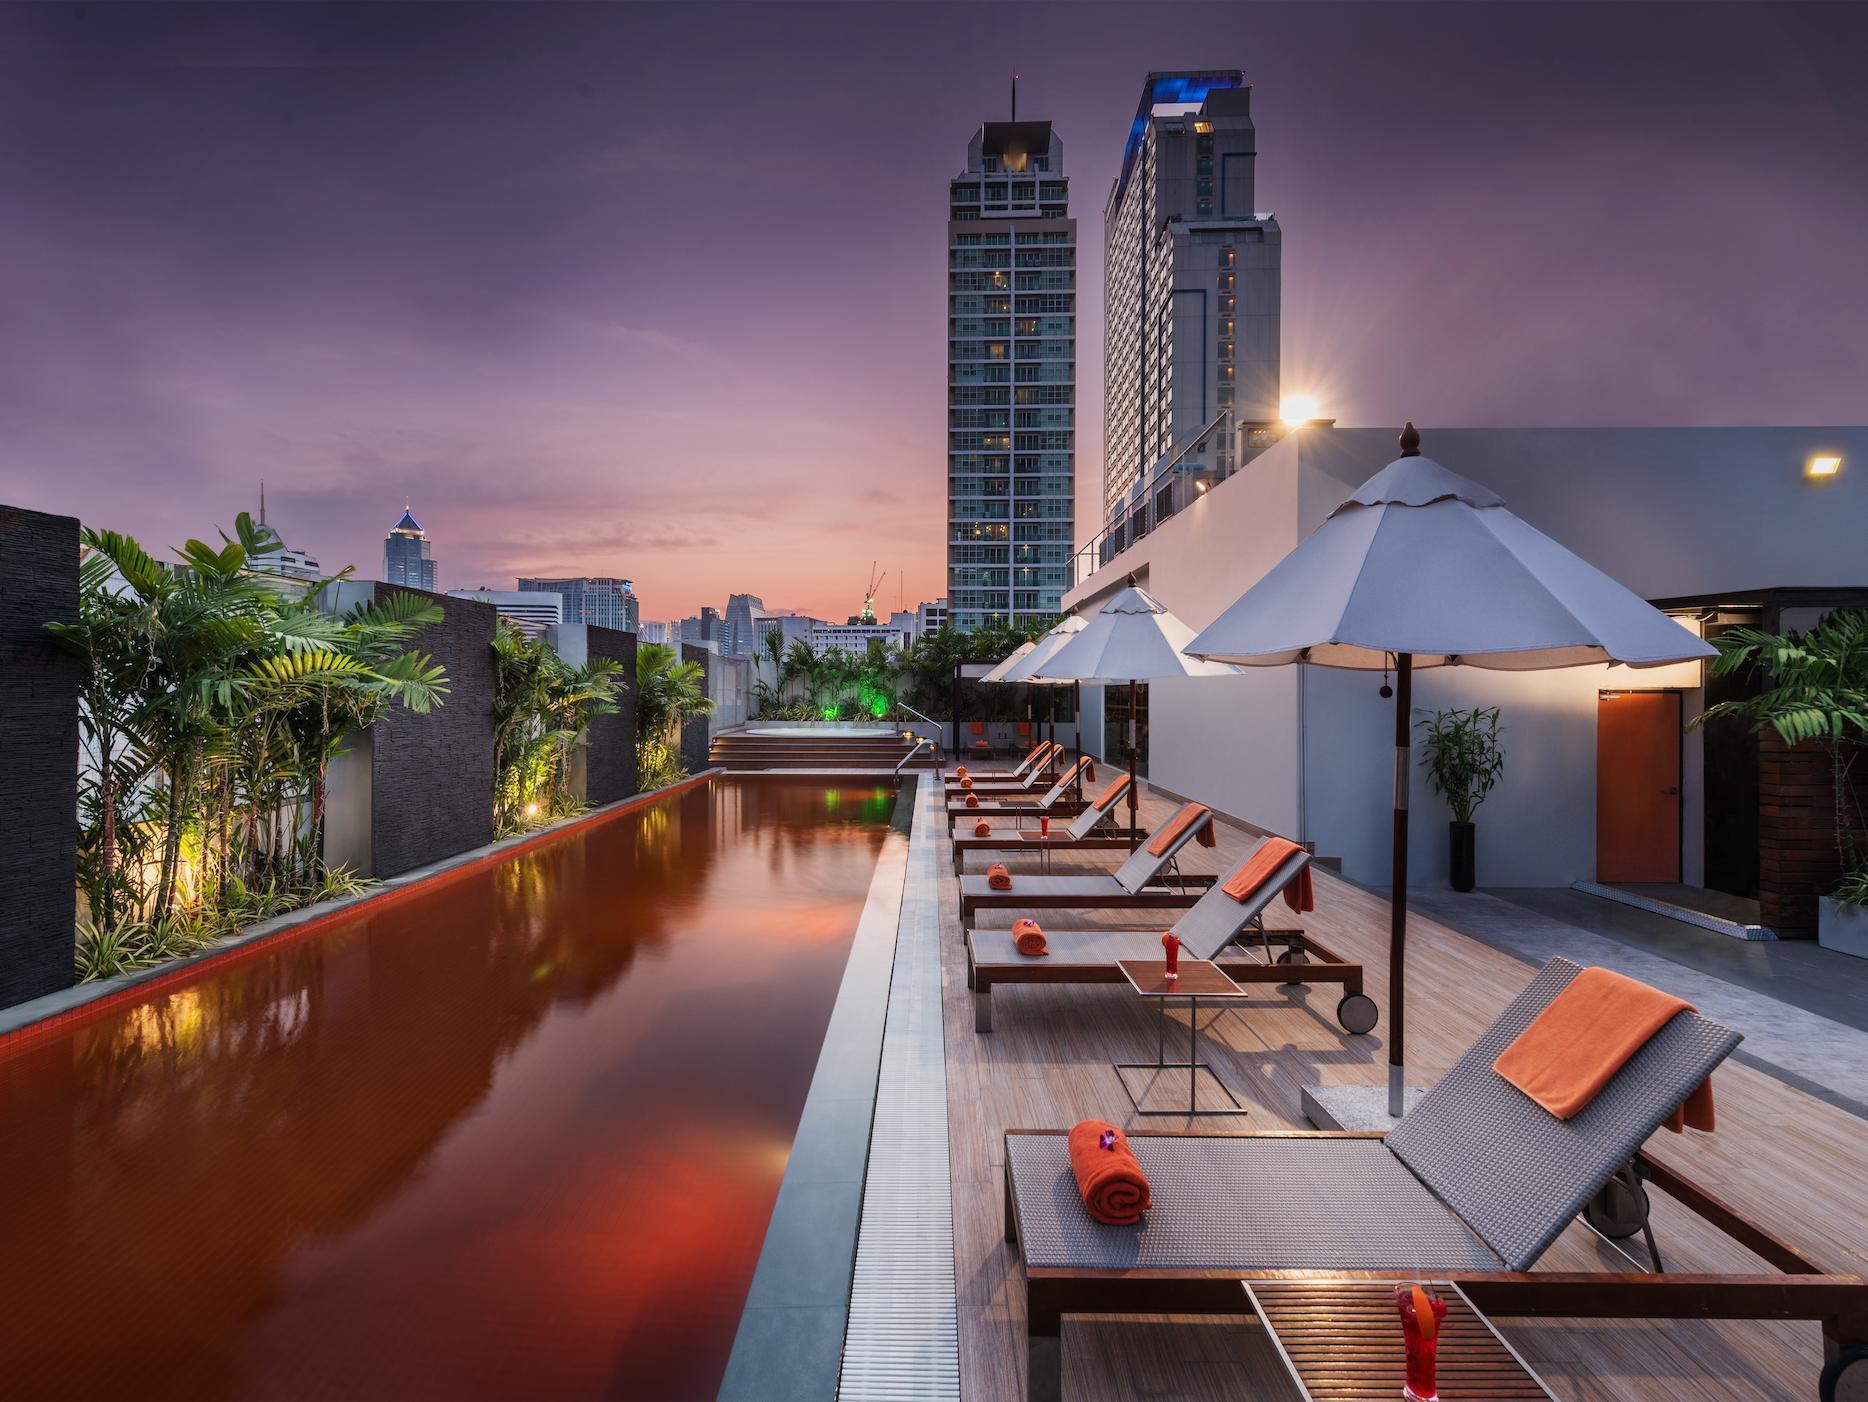 イン レジデンス バンコク スクンビット (In Residence Bangkok Sukhumvit)